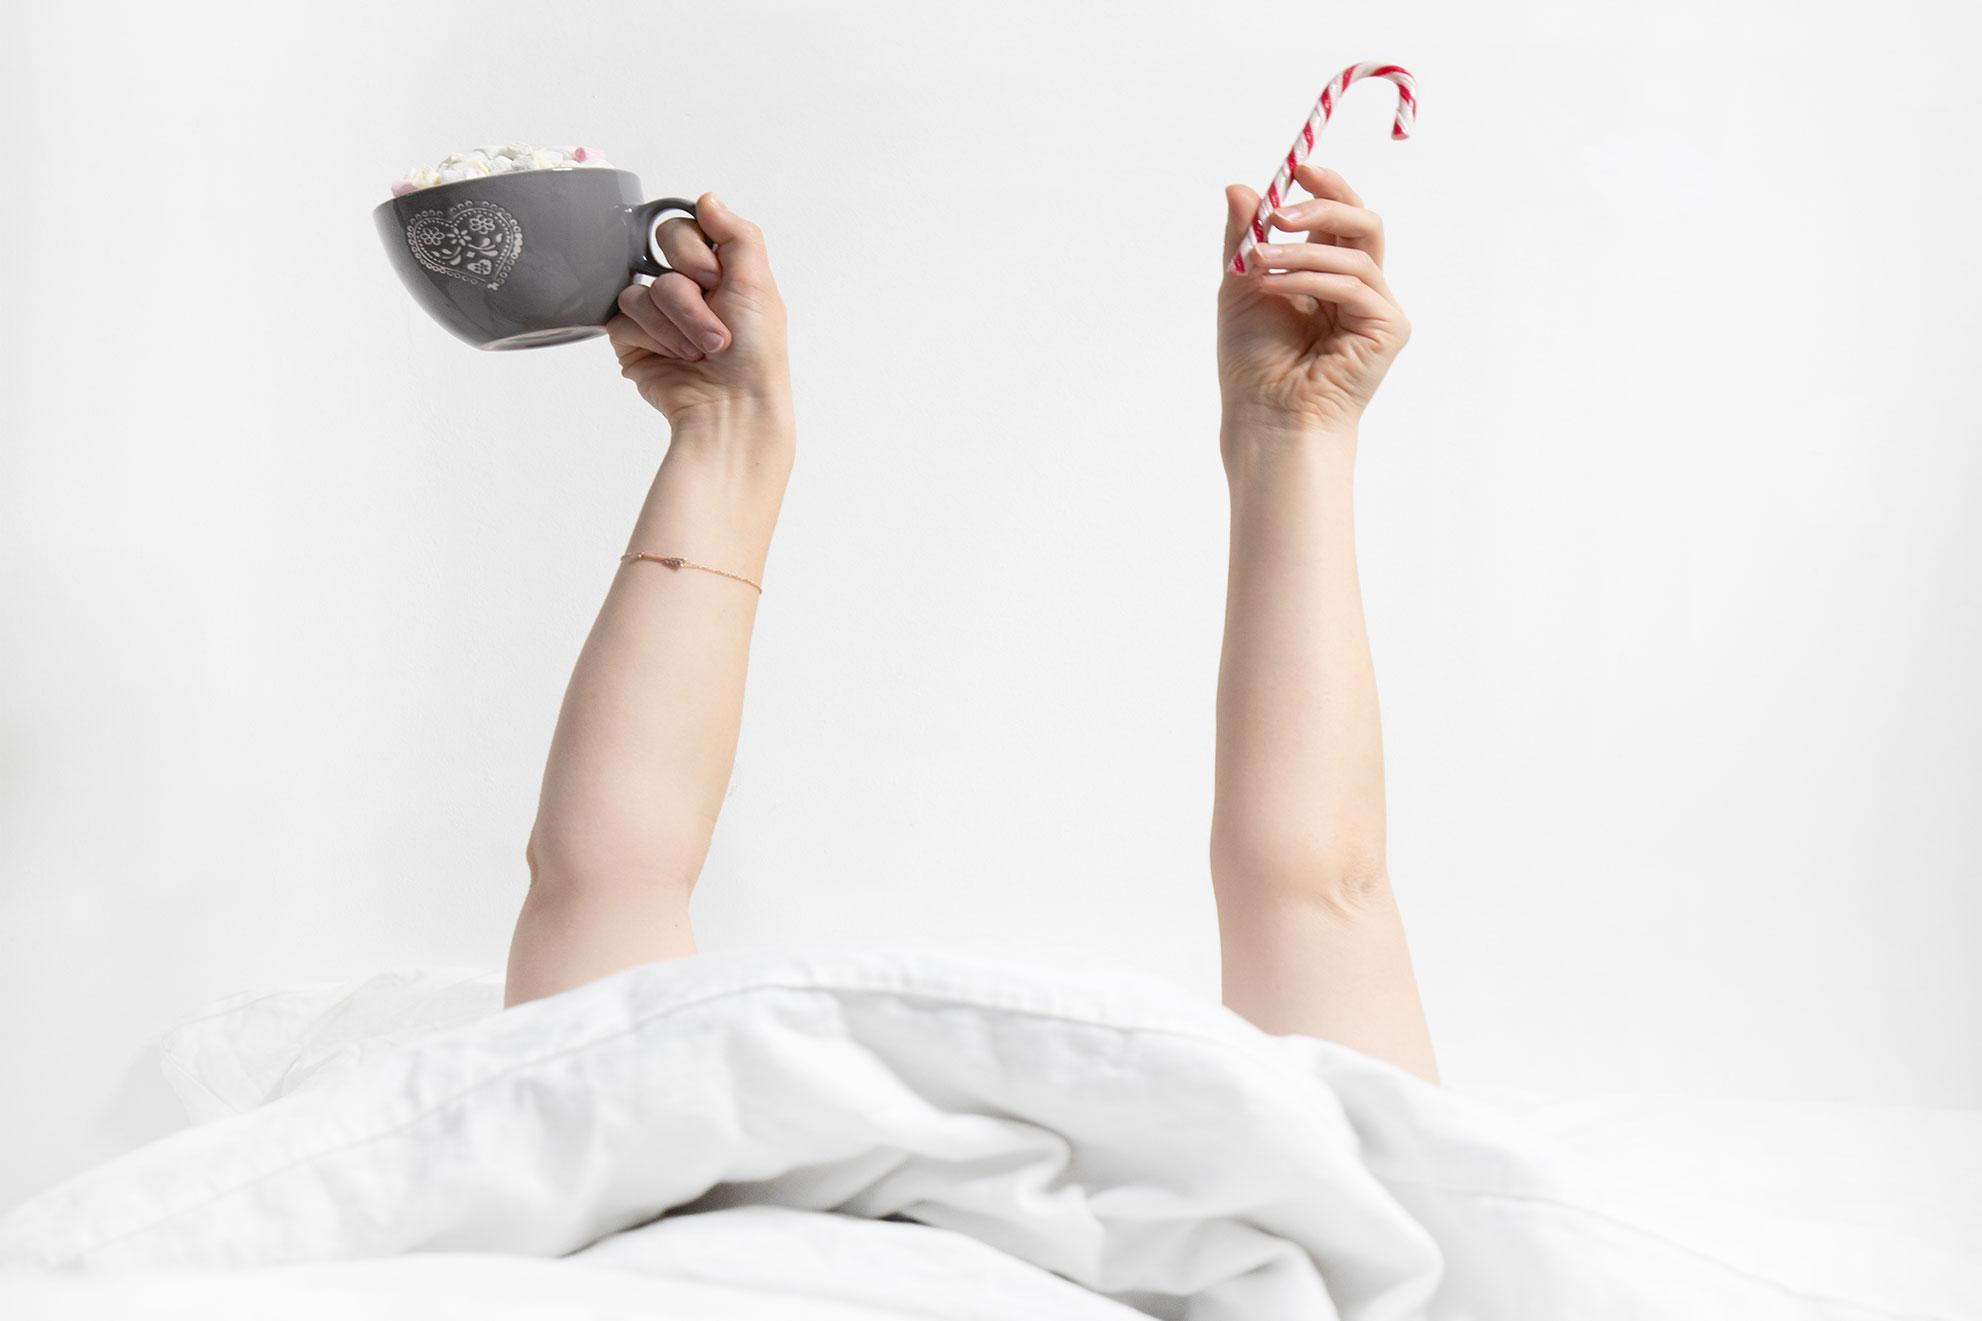 hochgehaltene Hände mit einer Tasse und Zuckerstange